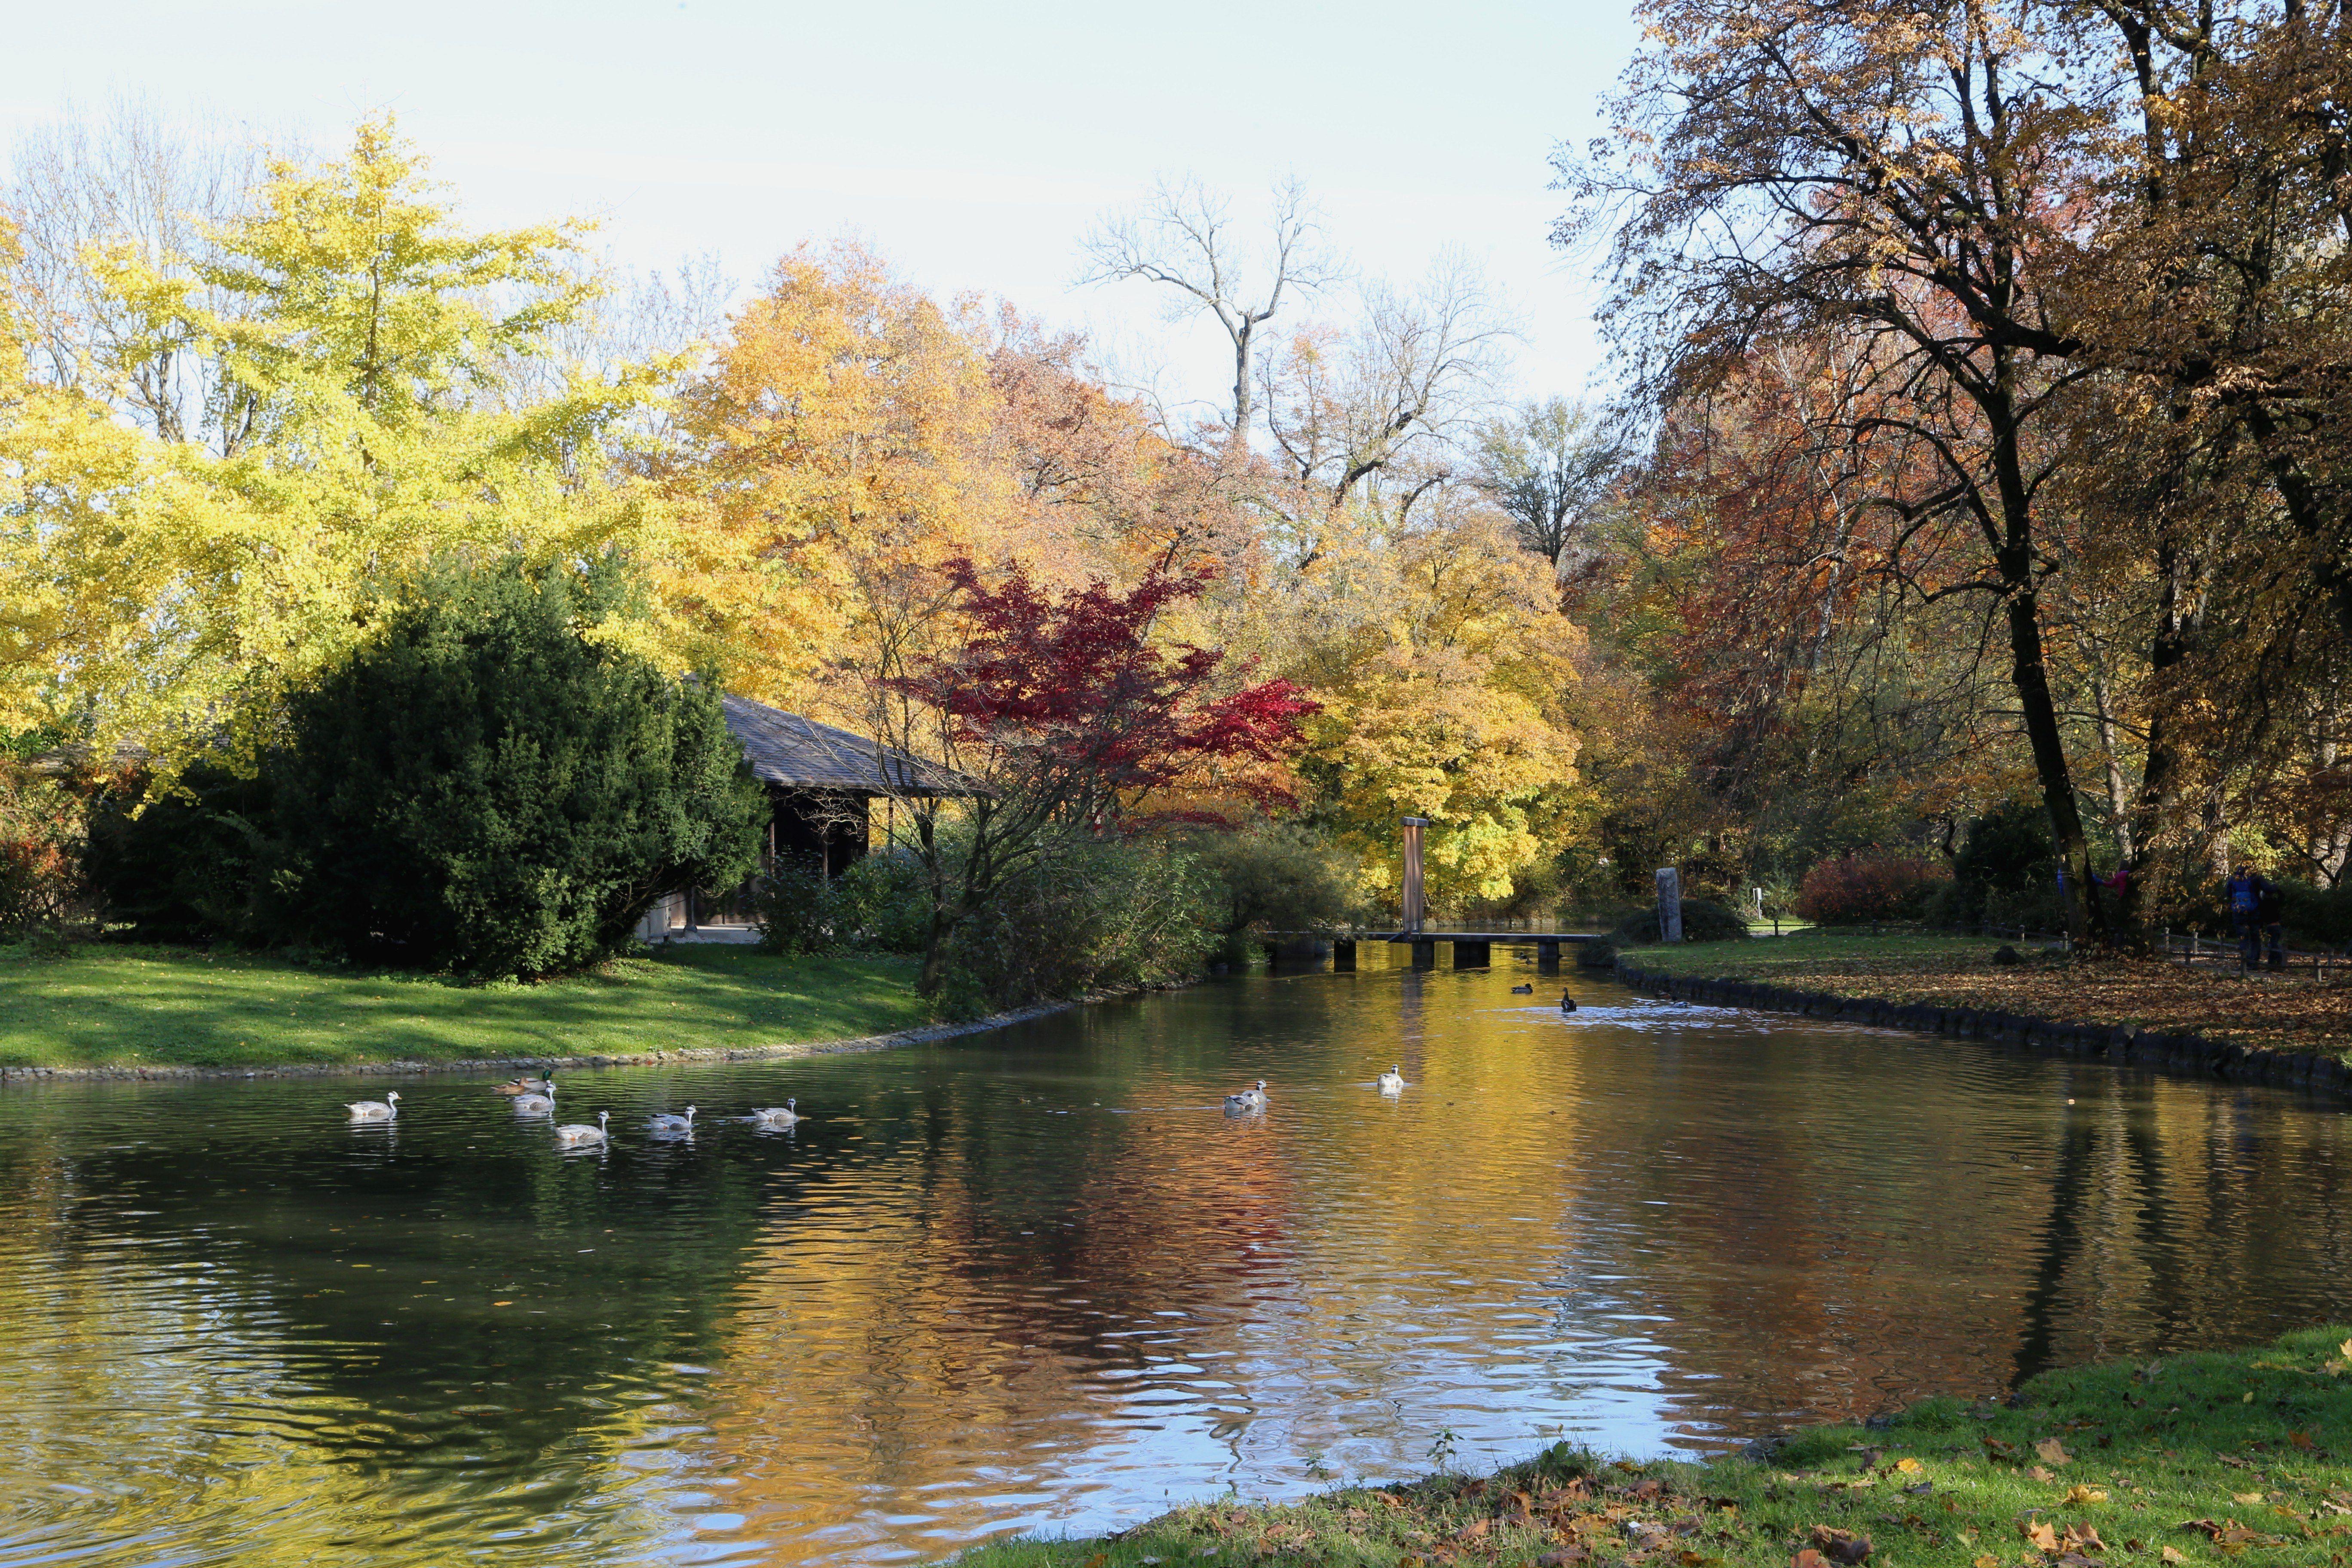 File Japanisches Teehaus Englischer Garten Muenchen 1 Innerhalb Japanisches Teehaus Englischer Garten Fur Einen Stilvollen Ersten Eindruck Outdoor Water River